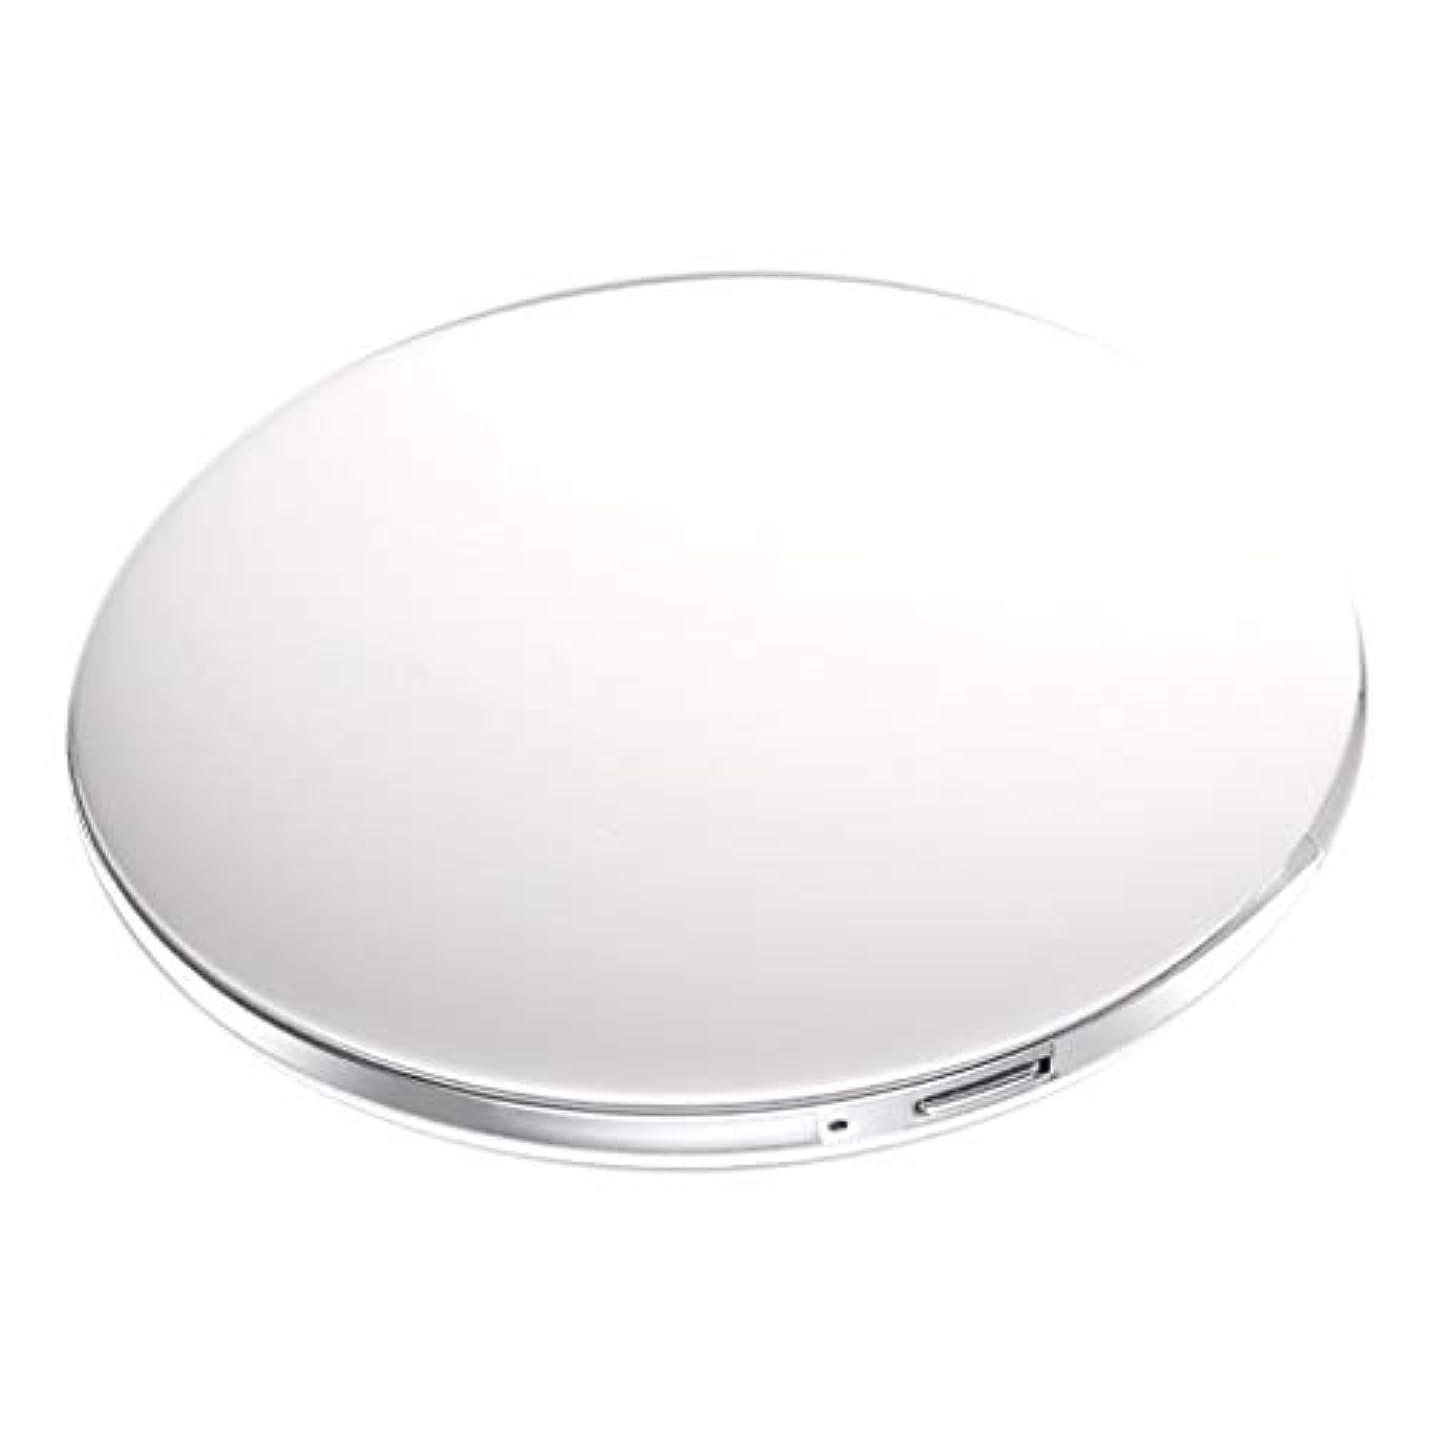 ぶどうミル予知手鏡 コンパクト 折りたたみ 3倍拡大鏡 両面ミラー LED化粧鏡 ポケットミラー おしゃれ 全5色 - 白